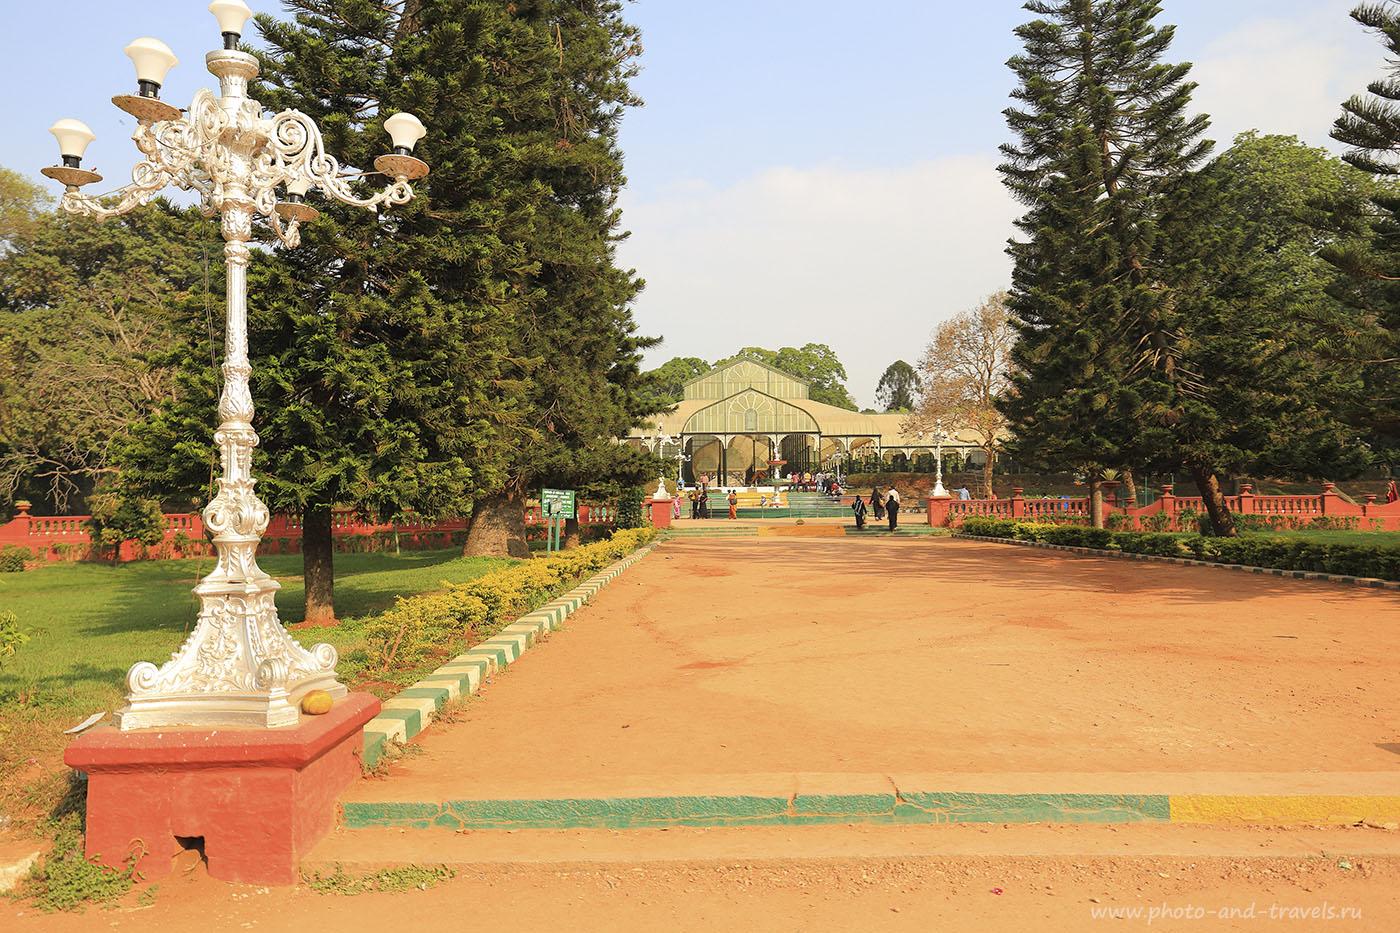 8. Отдых в Индии. Отзывы об экскурсии в ботанический сад Бангалора. Штат Карнатака